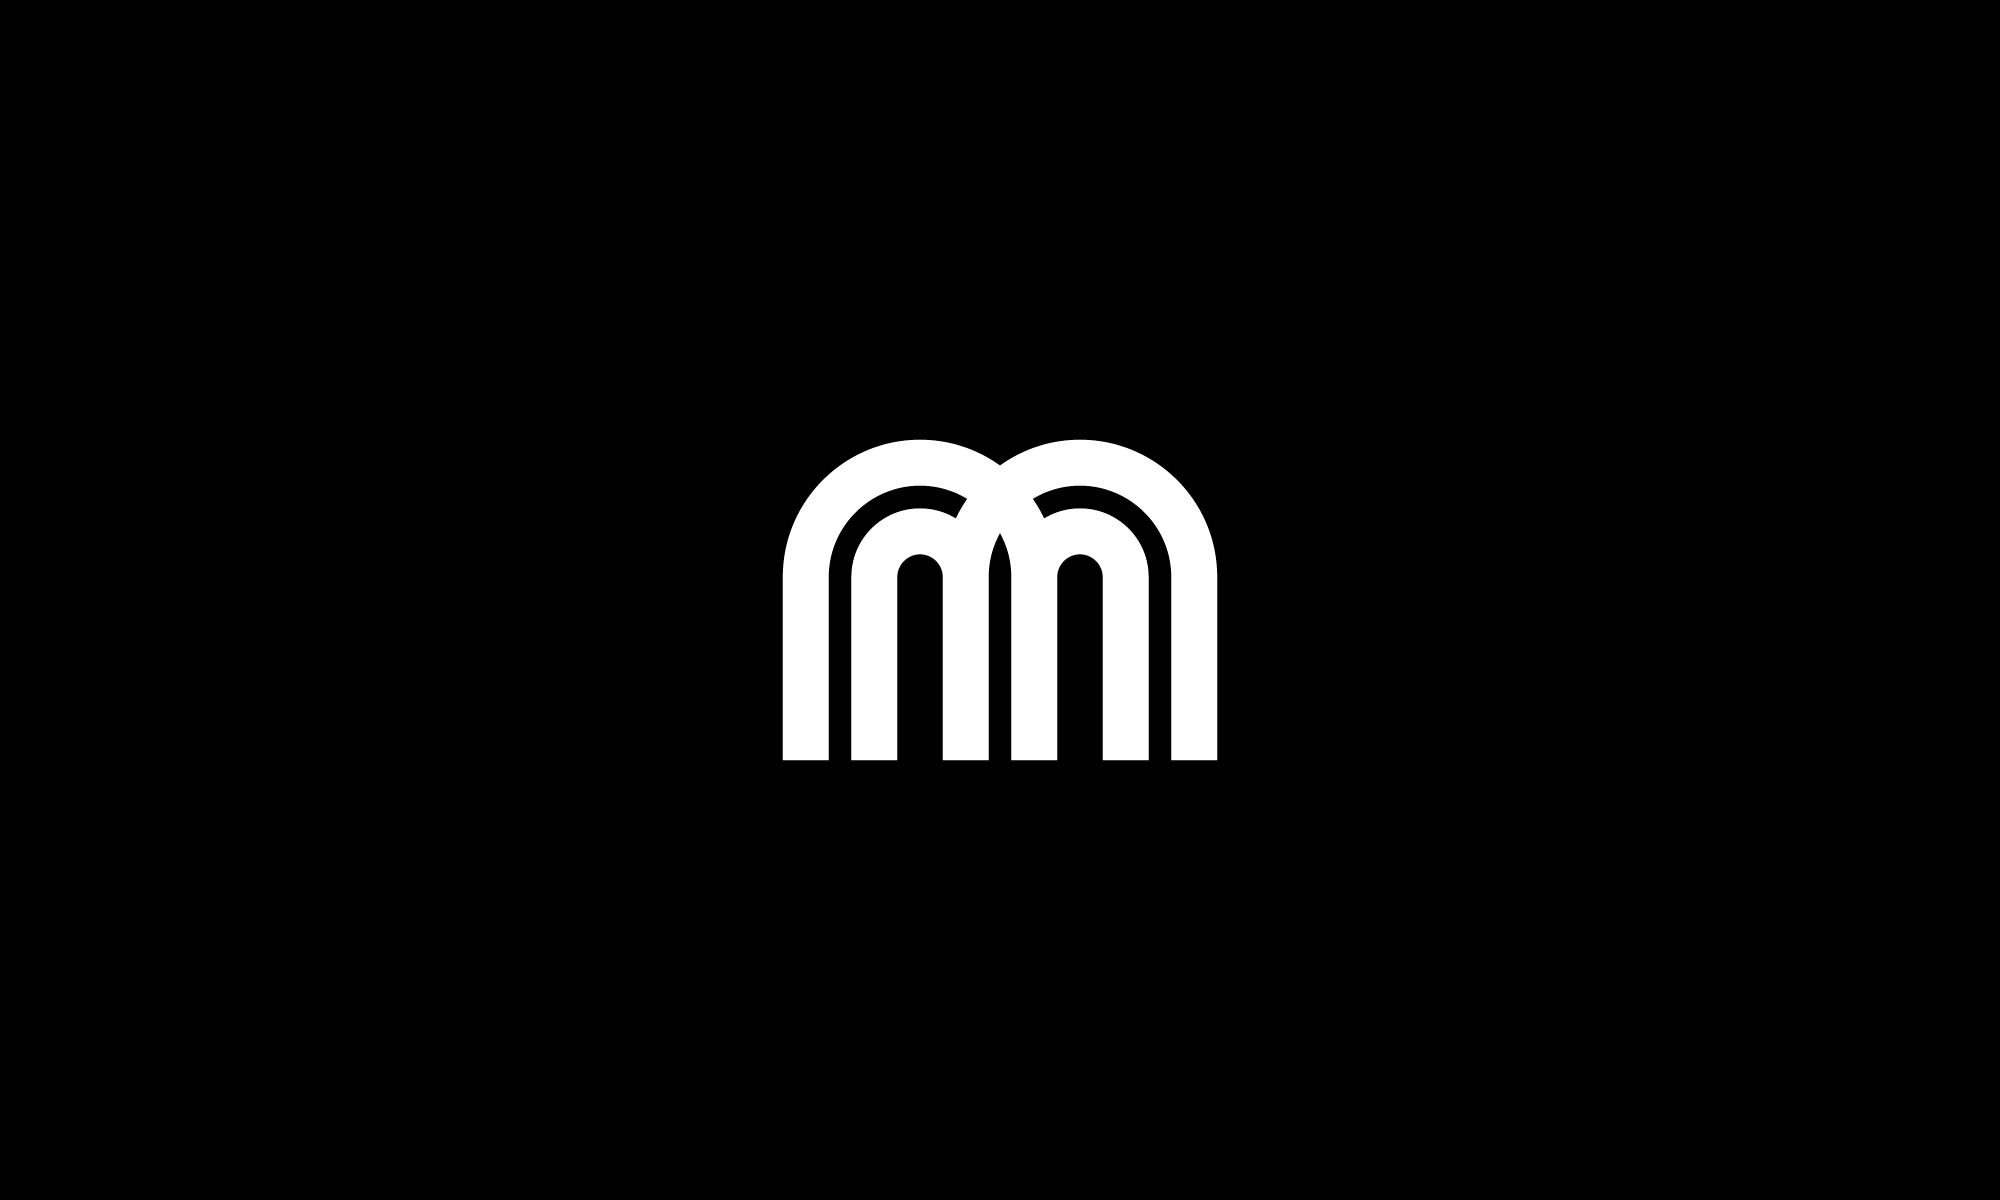 MM_logo_bw.png